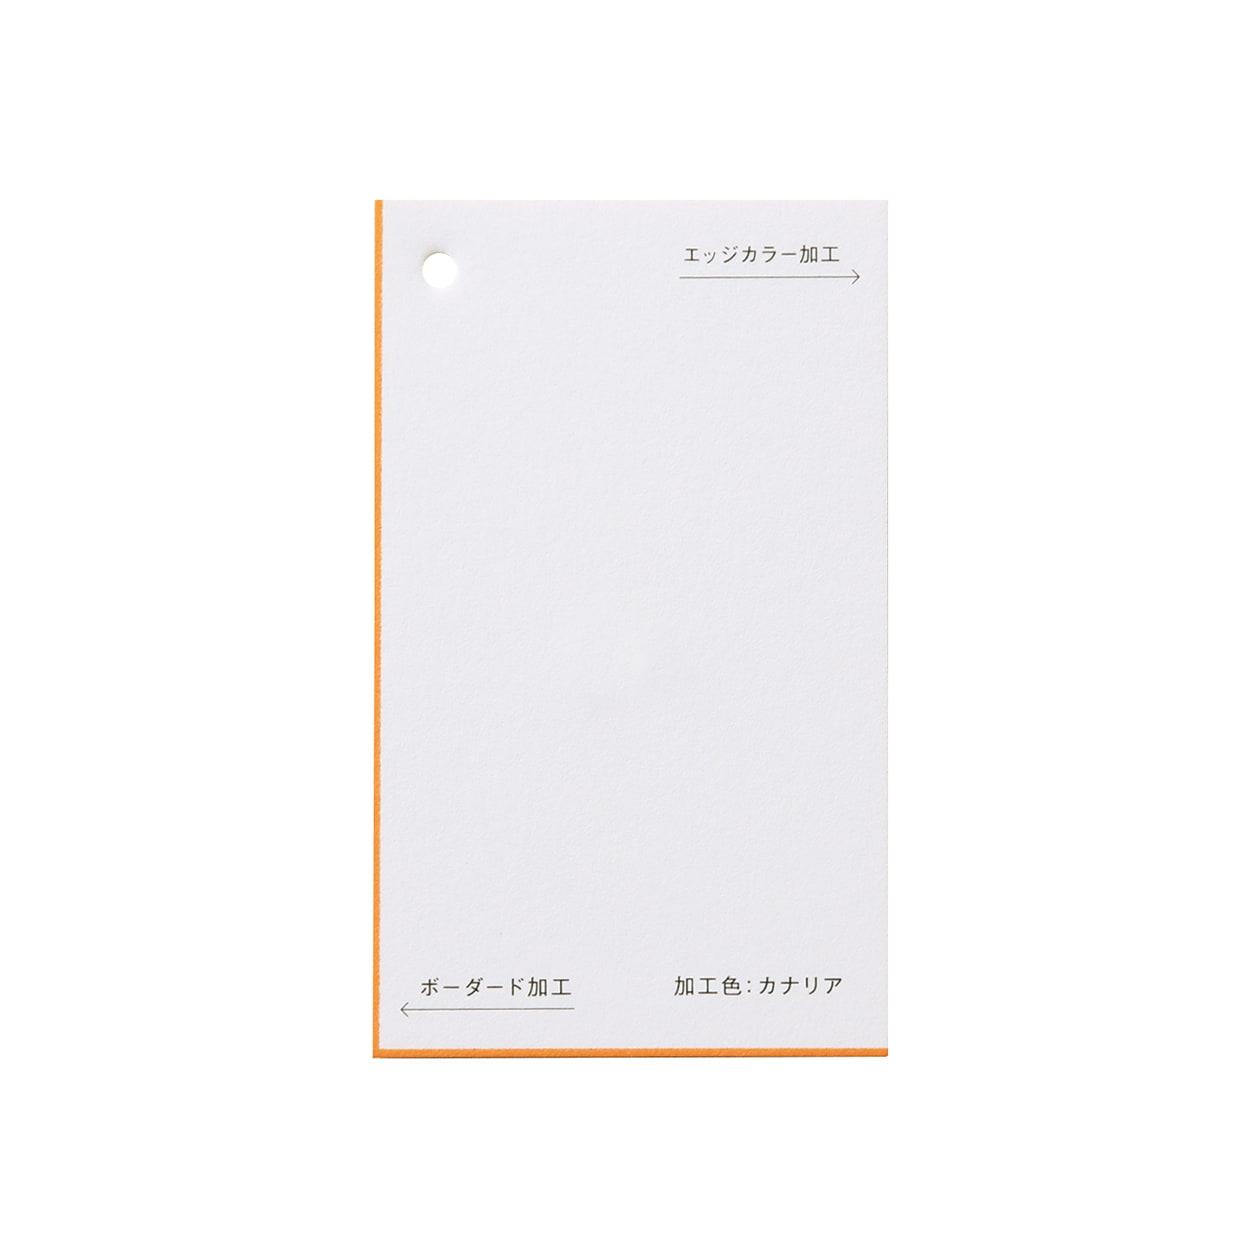 加工色見本 00149ボーダード・エッジカラー カナリアスノーホワイト 348.8g